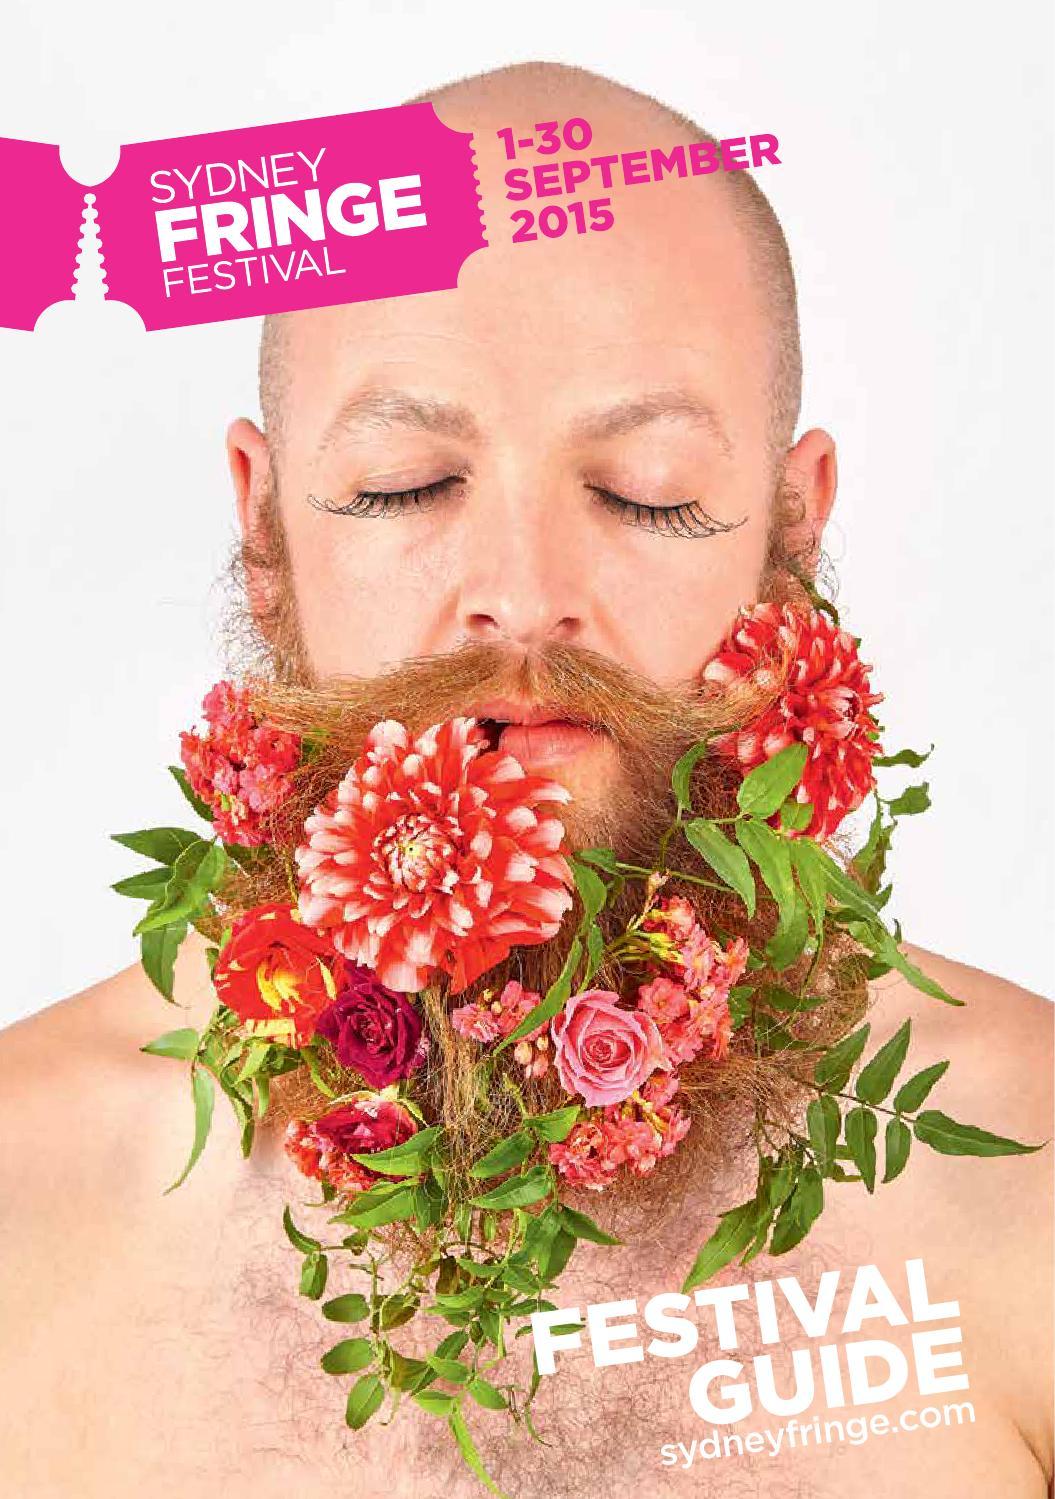 Sydney Fringe Festival Guide 2015 by Sydney Fringe - issuu